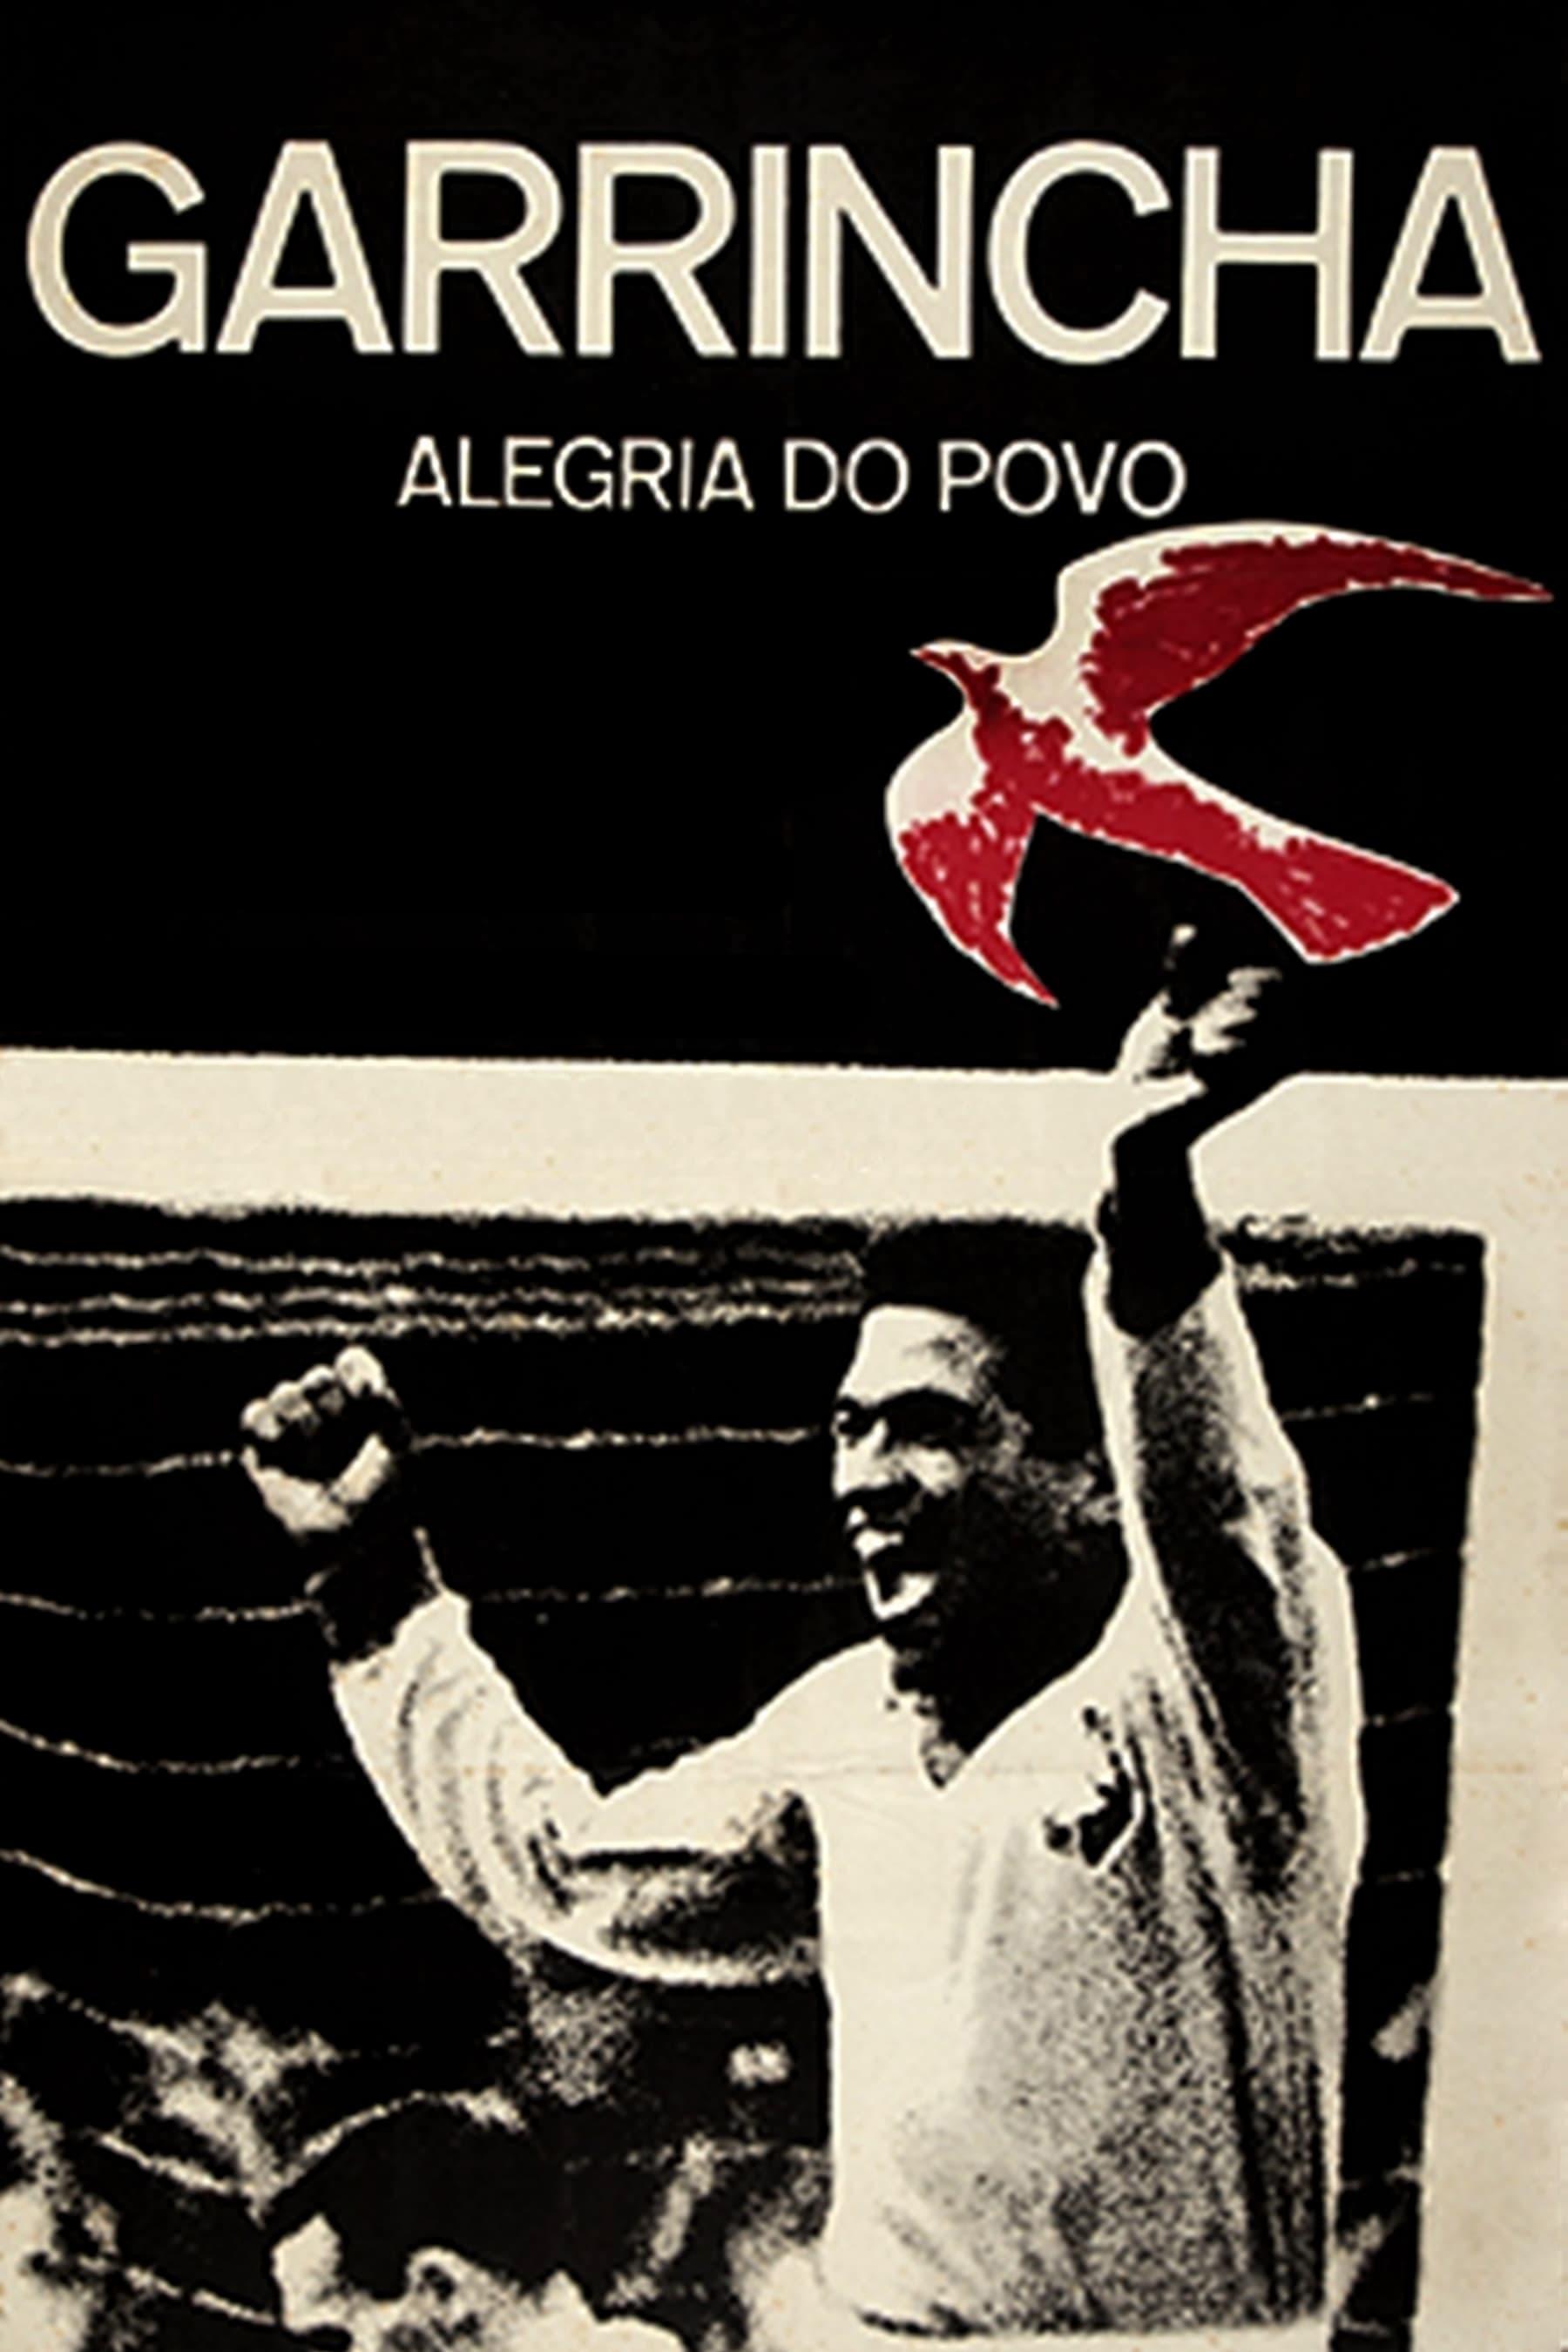 Garrincha: Joy of the People